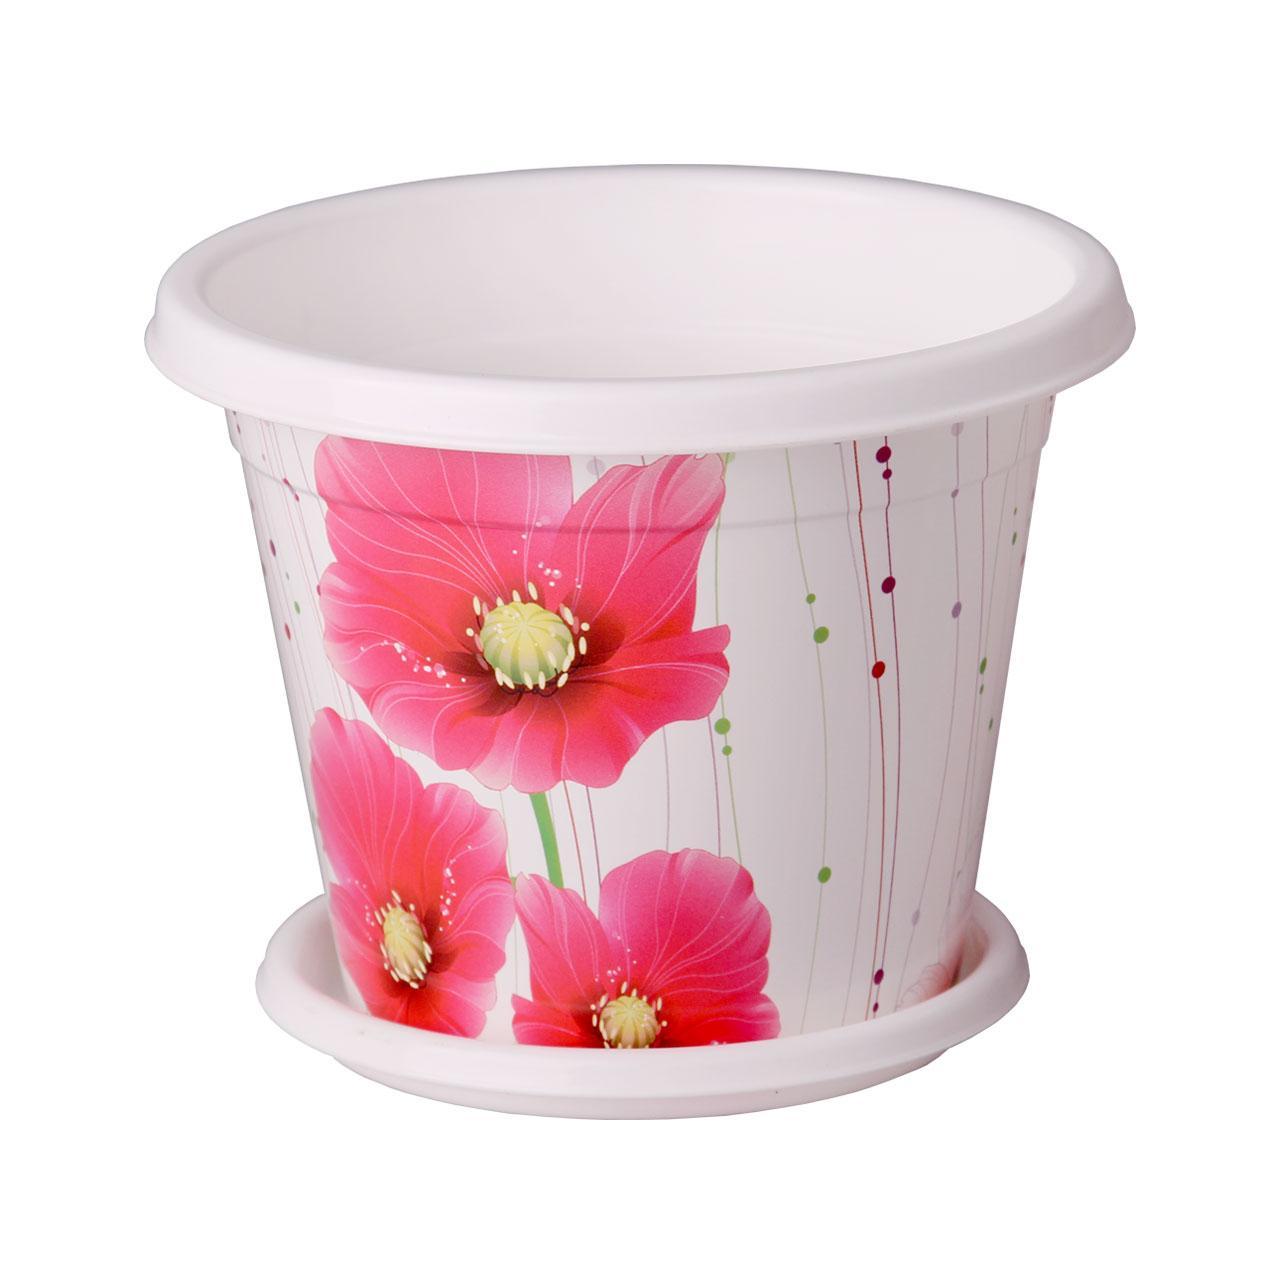 Горшок-кашпо Альтернатива Маки, с поддоном, 1 лМ2652Горшок-кашпо Альтернатива Маки изготовлен из высококачественного пластика и подходит для выращивания растений и цветов в домашних условиях. Такие изделия часто становятся последним штрихом, который совершенно изменяет интерьер помещения или ландшафтный дизайн сада. Благодаря такому горшку-кашпо вы сможете украсить вашу комнату, офис, сад и другие места. Изделие оснащено специальным поддоном и декорировано ярким изображением маков.Объем горшка: 1 л. Диаметр горшка (по верхнему краю): 15 см. Высота горшка: 12 см. Диаметр поддона: 12 см.